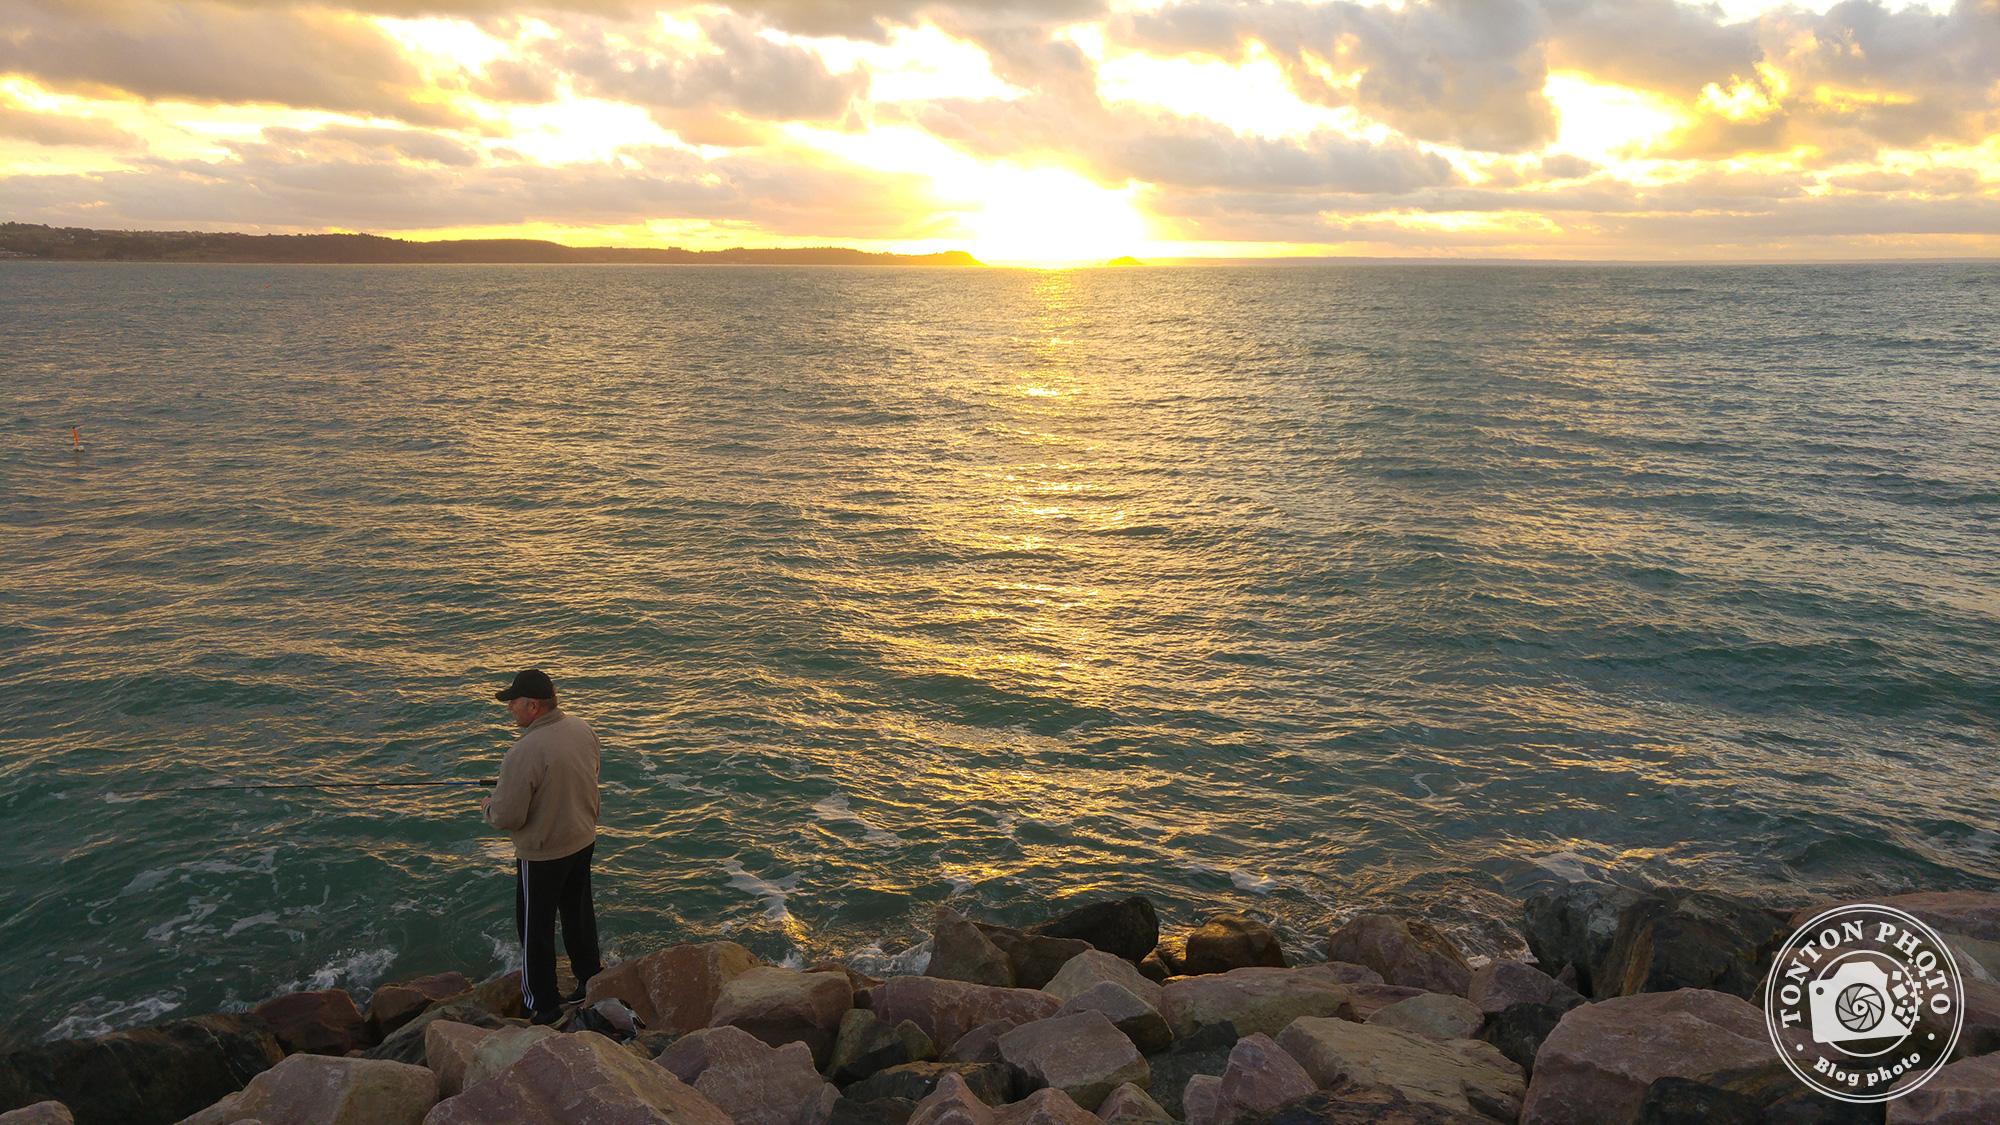 Test du photophone LG G4 : Pêcheur au coucher du soleil à Erquy, en Bretagne (France). F/1.8 – 1/125 – ISO 50 © Clément Racineux / Tonton Photo